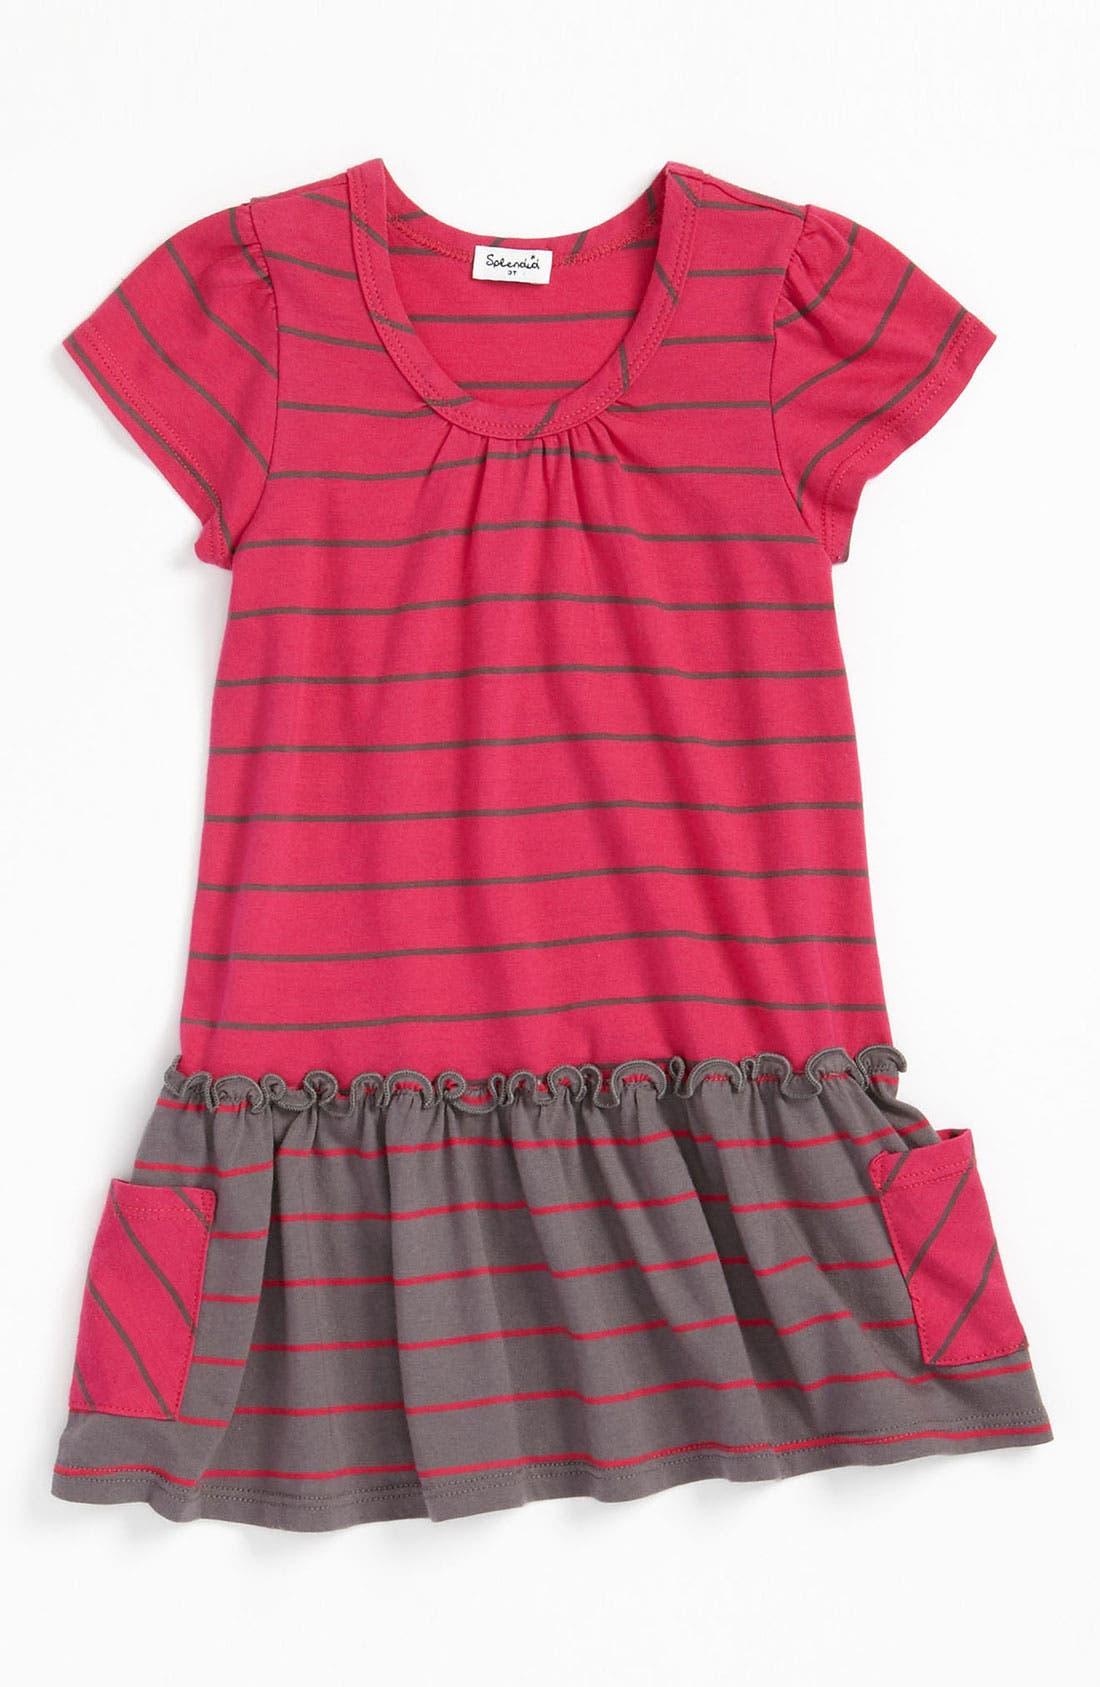 Main Image - Splendid 'Lacrosse' Stripe Dress (Toddler)